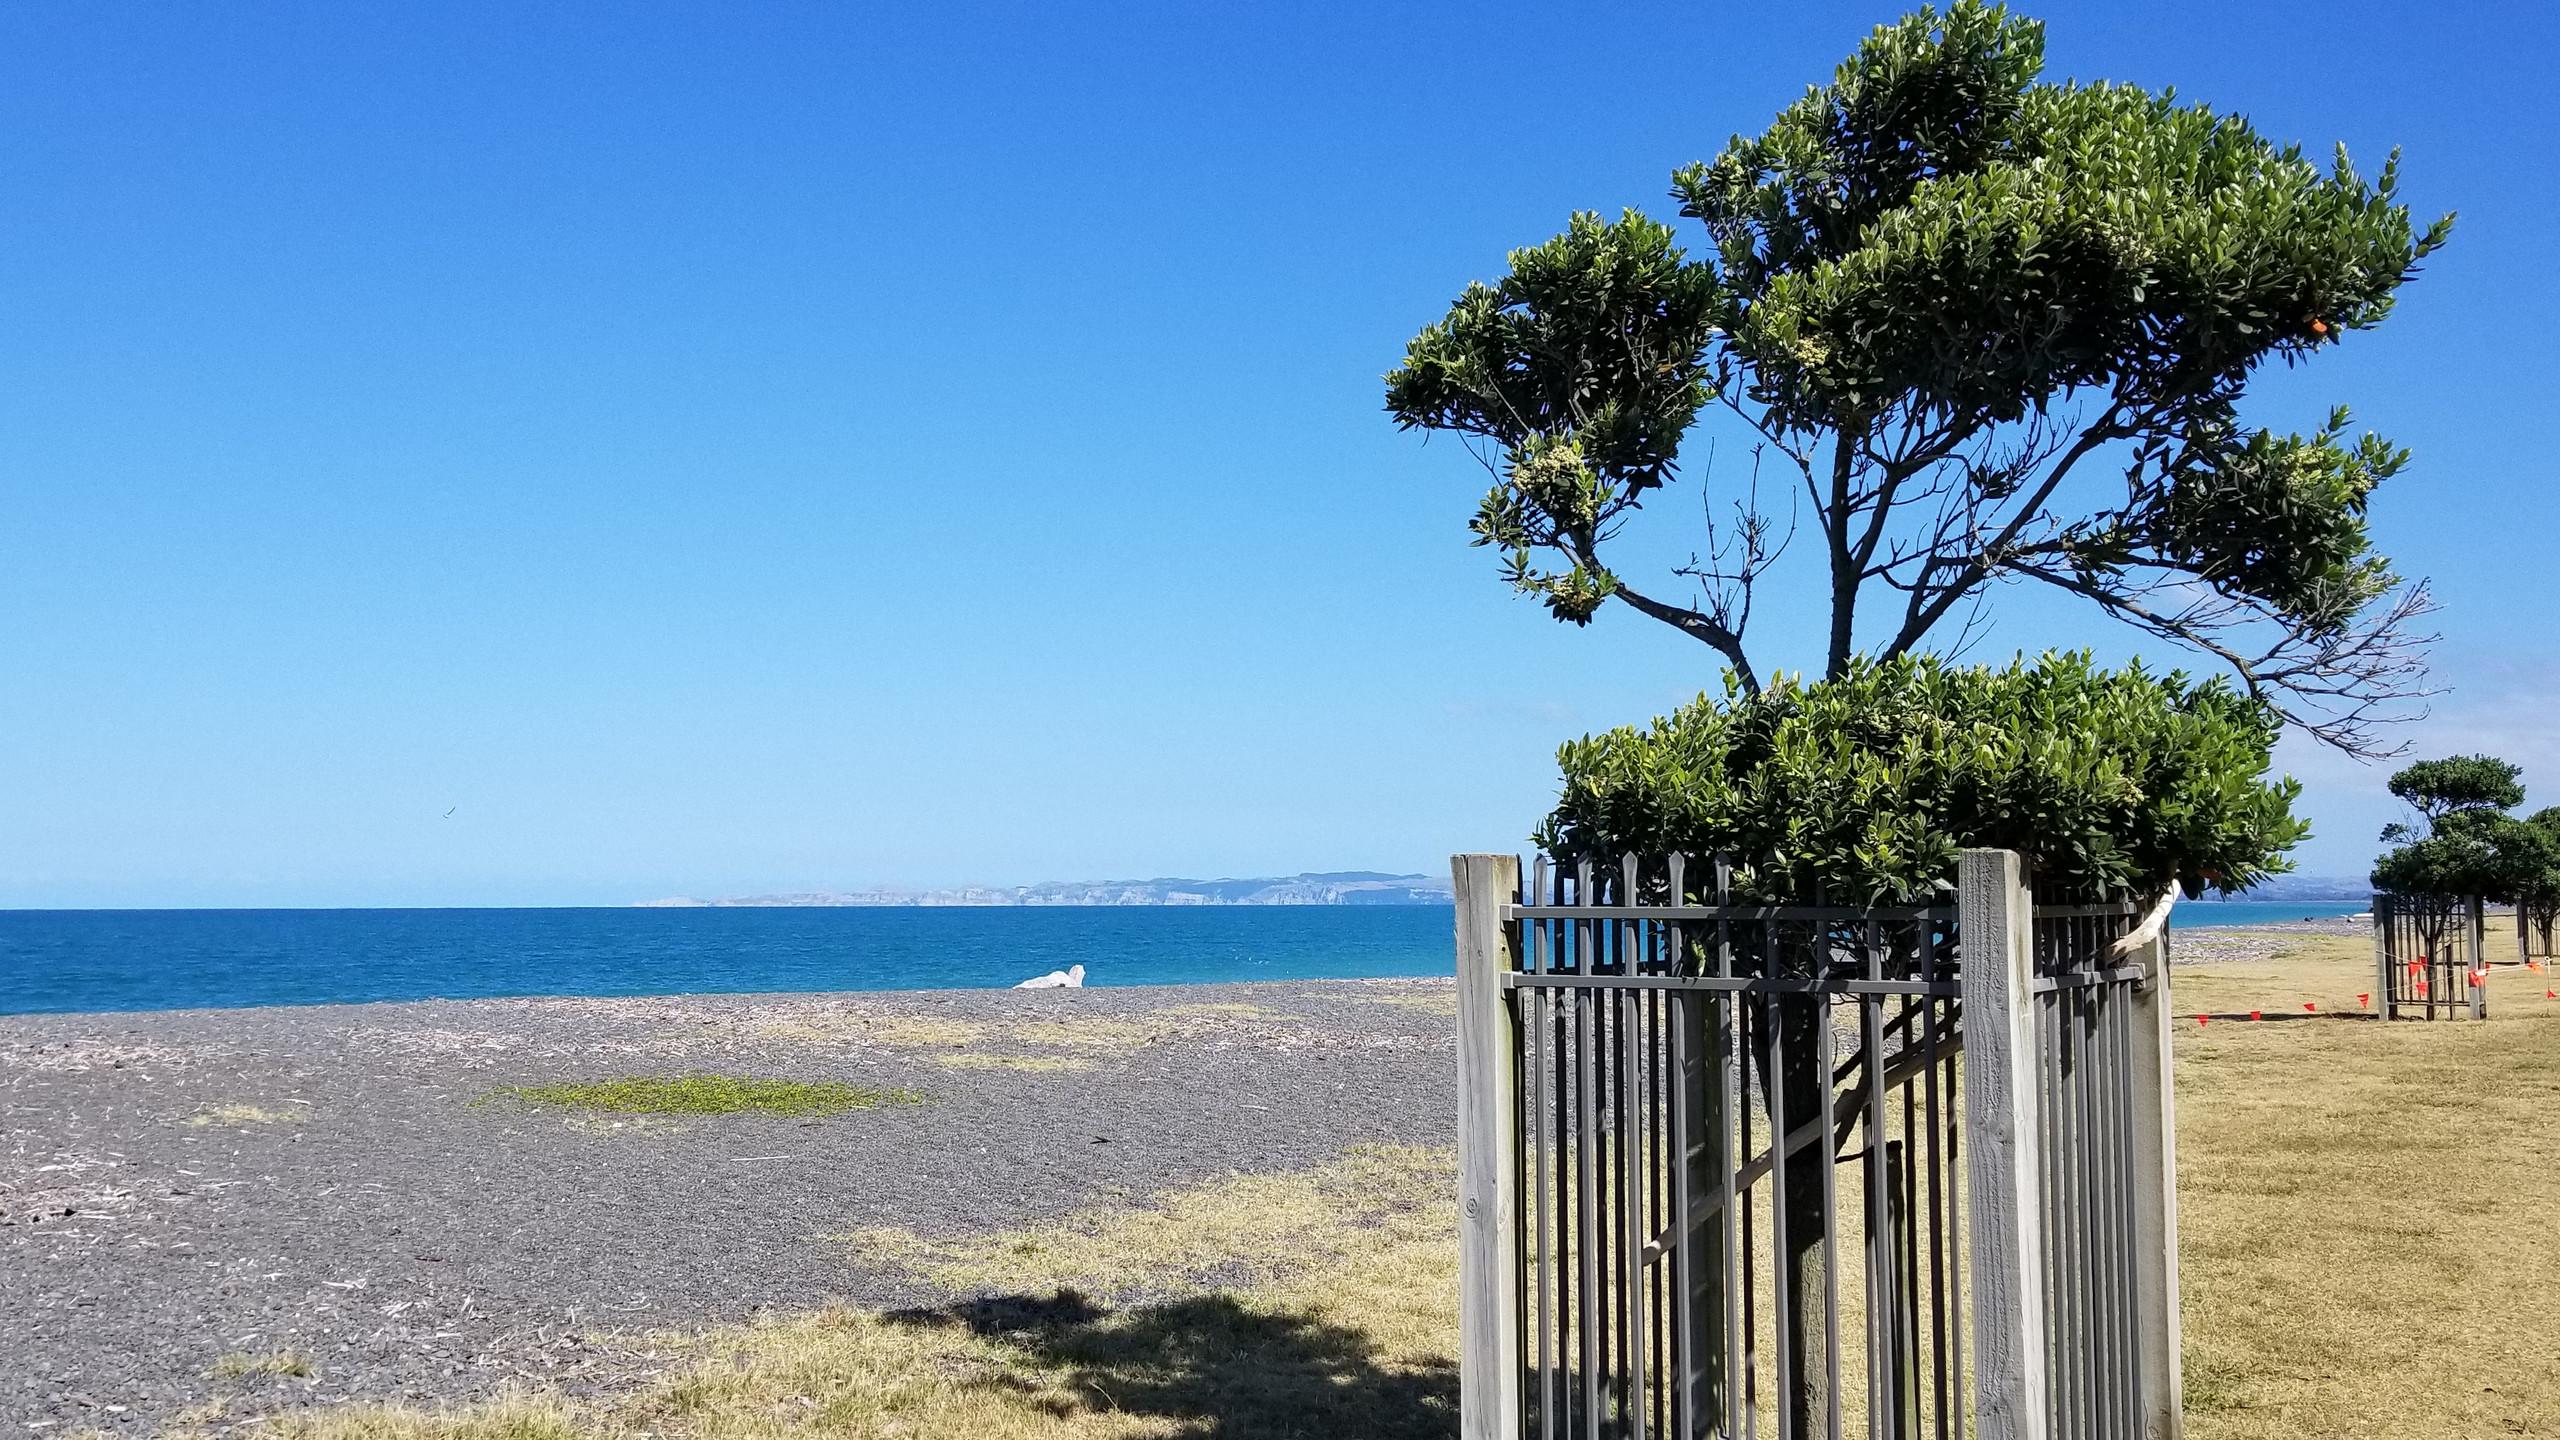 Napier, New Zealand attractions, New Zealand activities